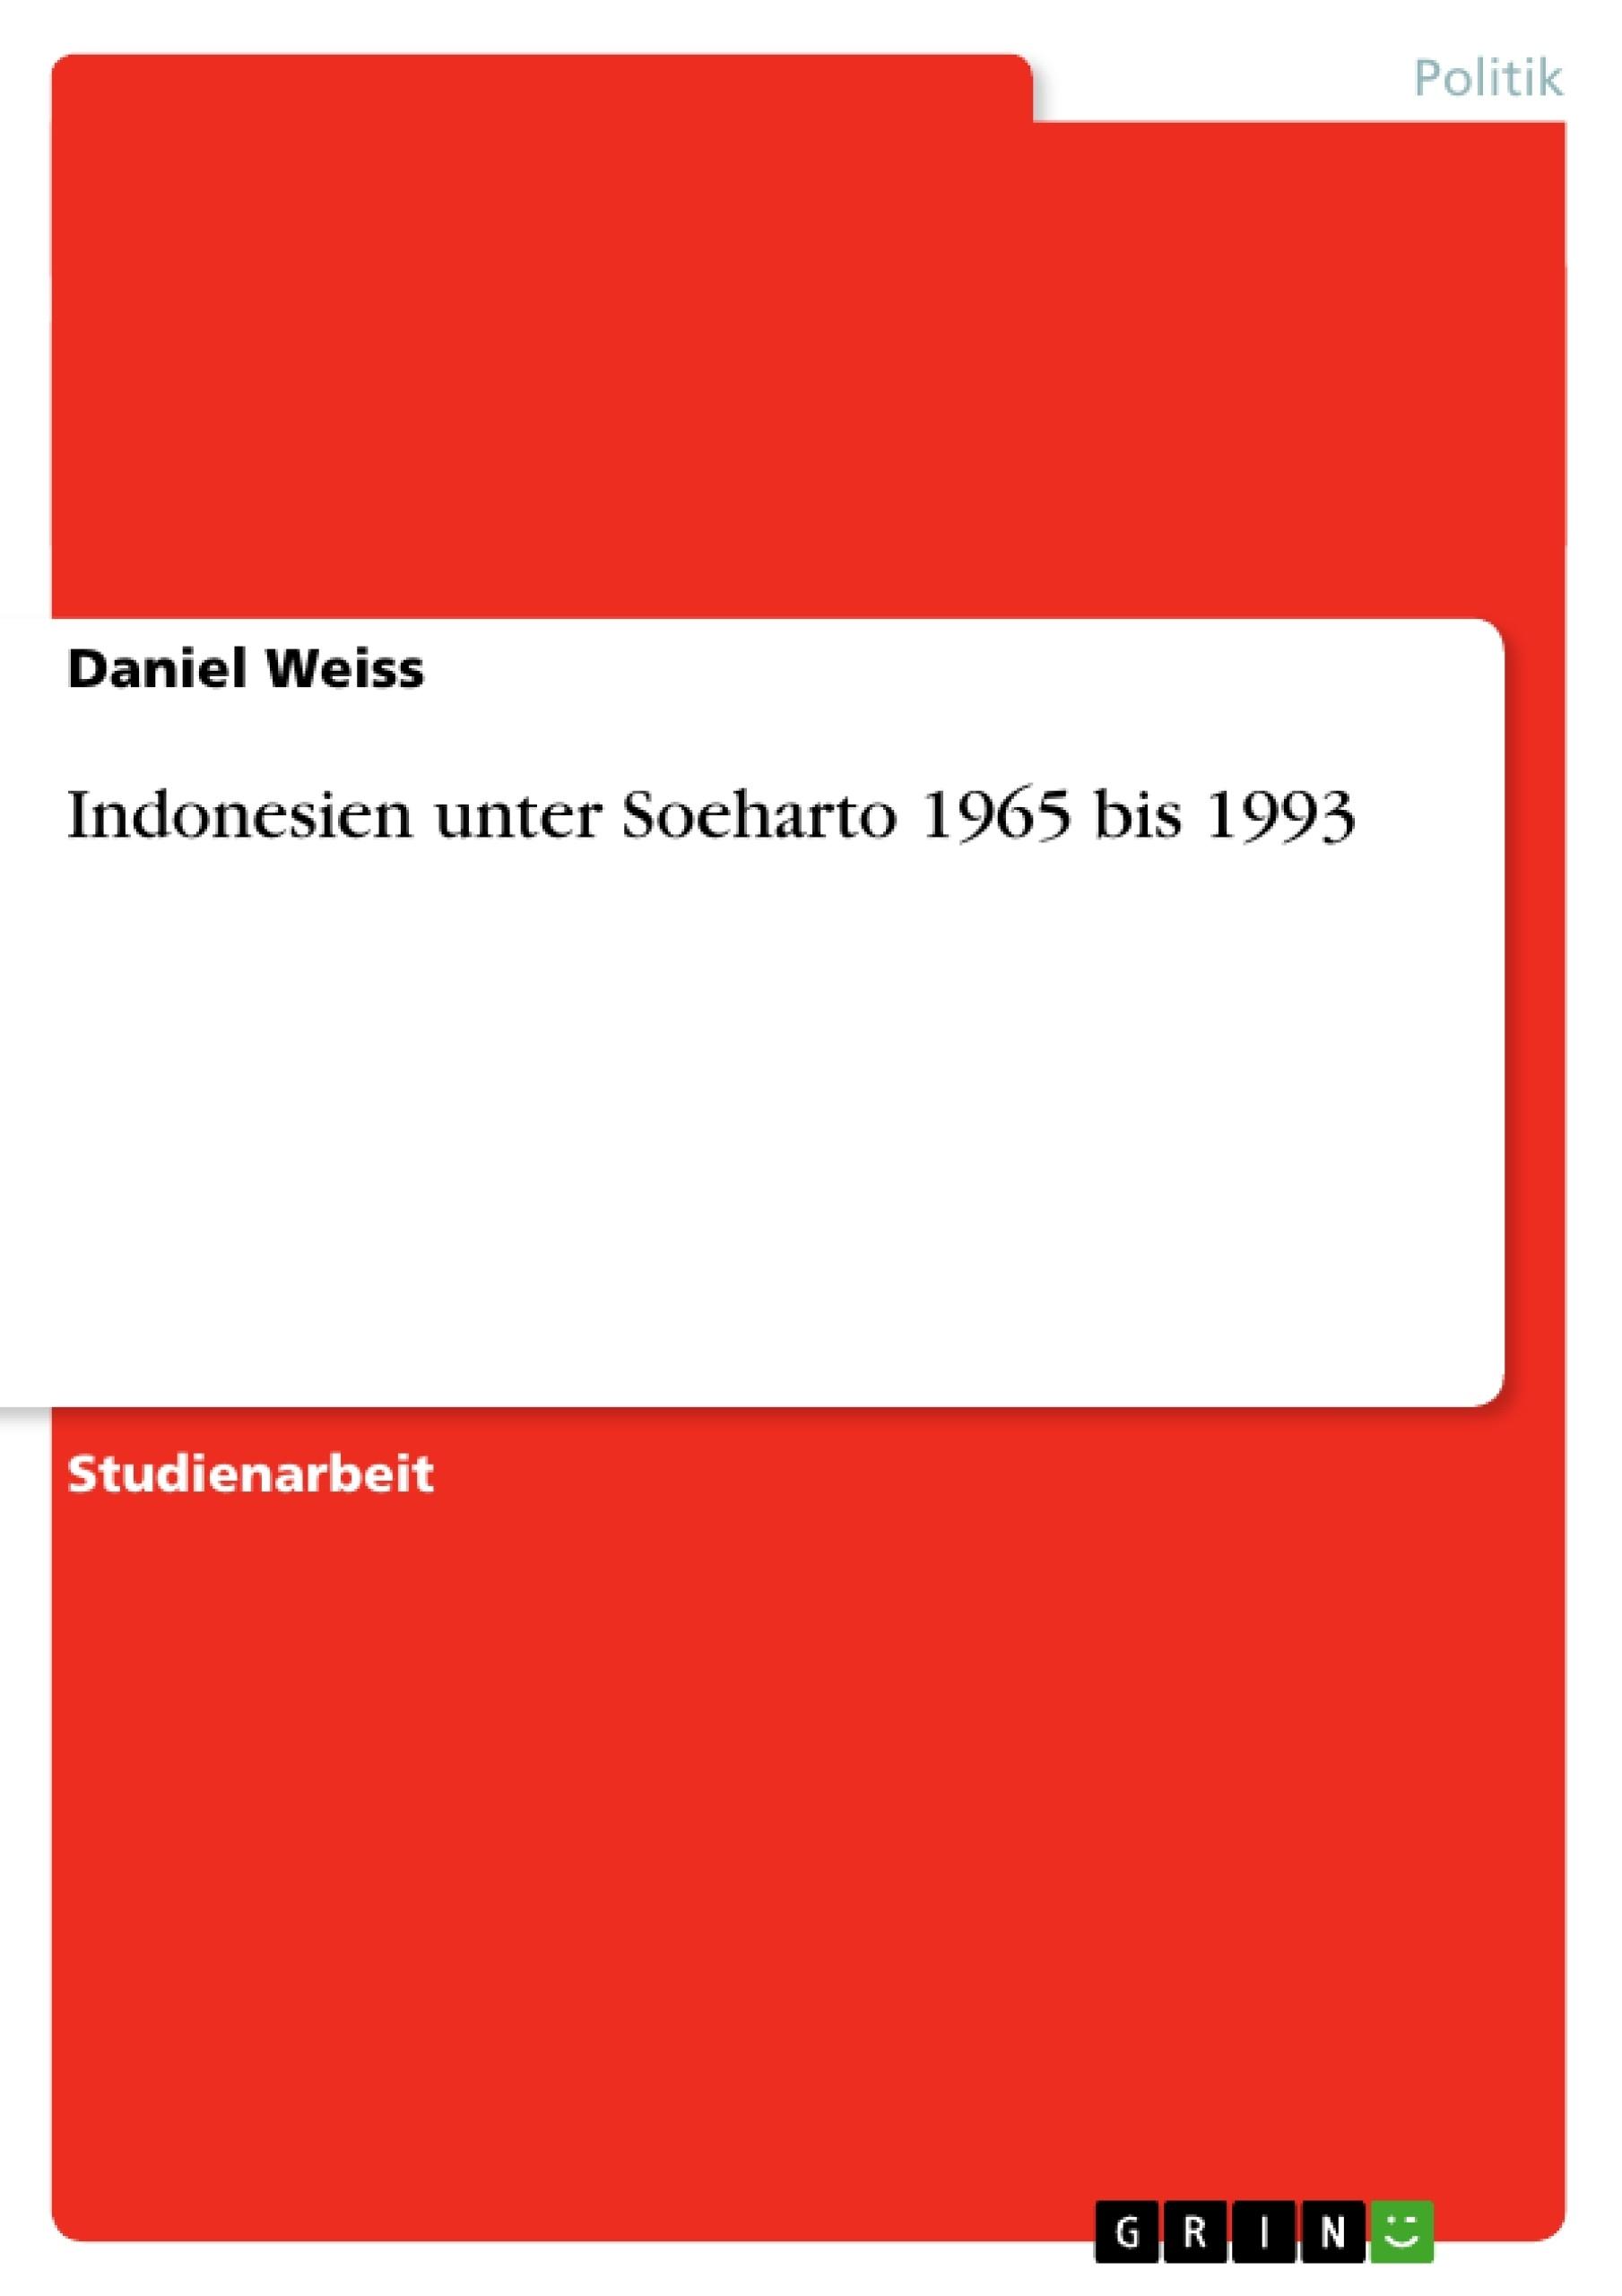 Titel: Indonesien unter Soeharto 1965 bis 1993